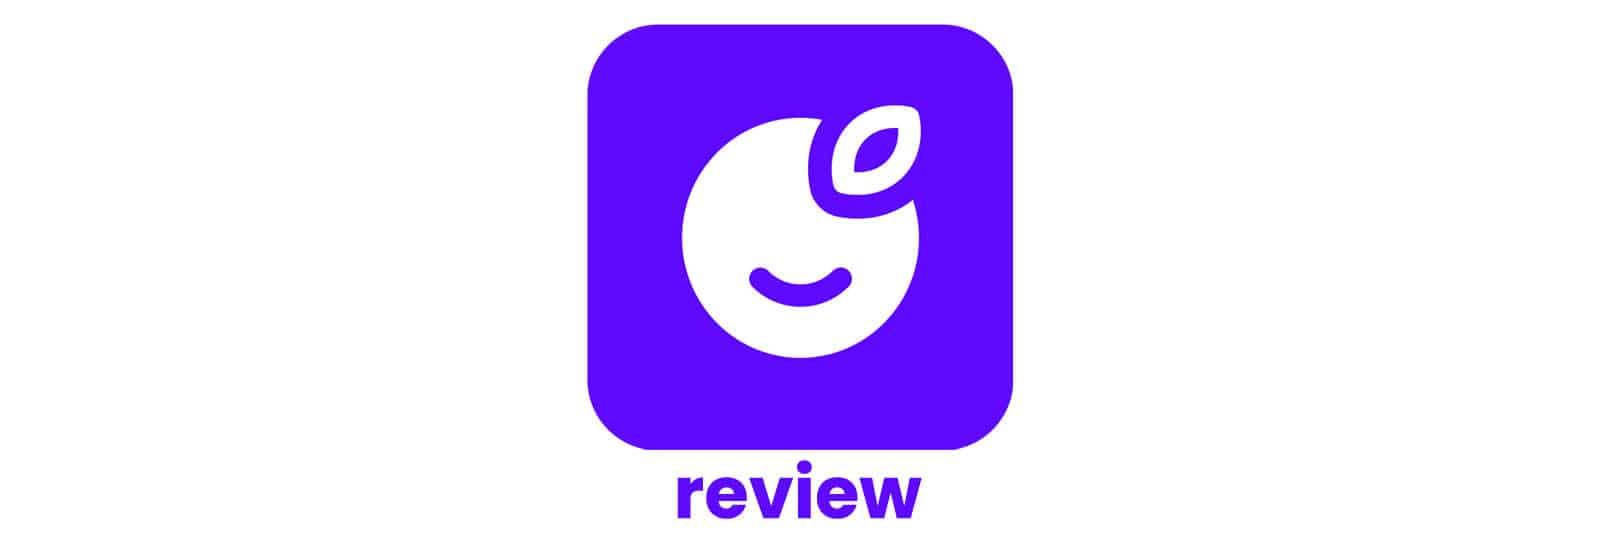 plum-app